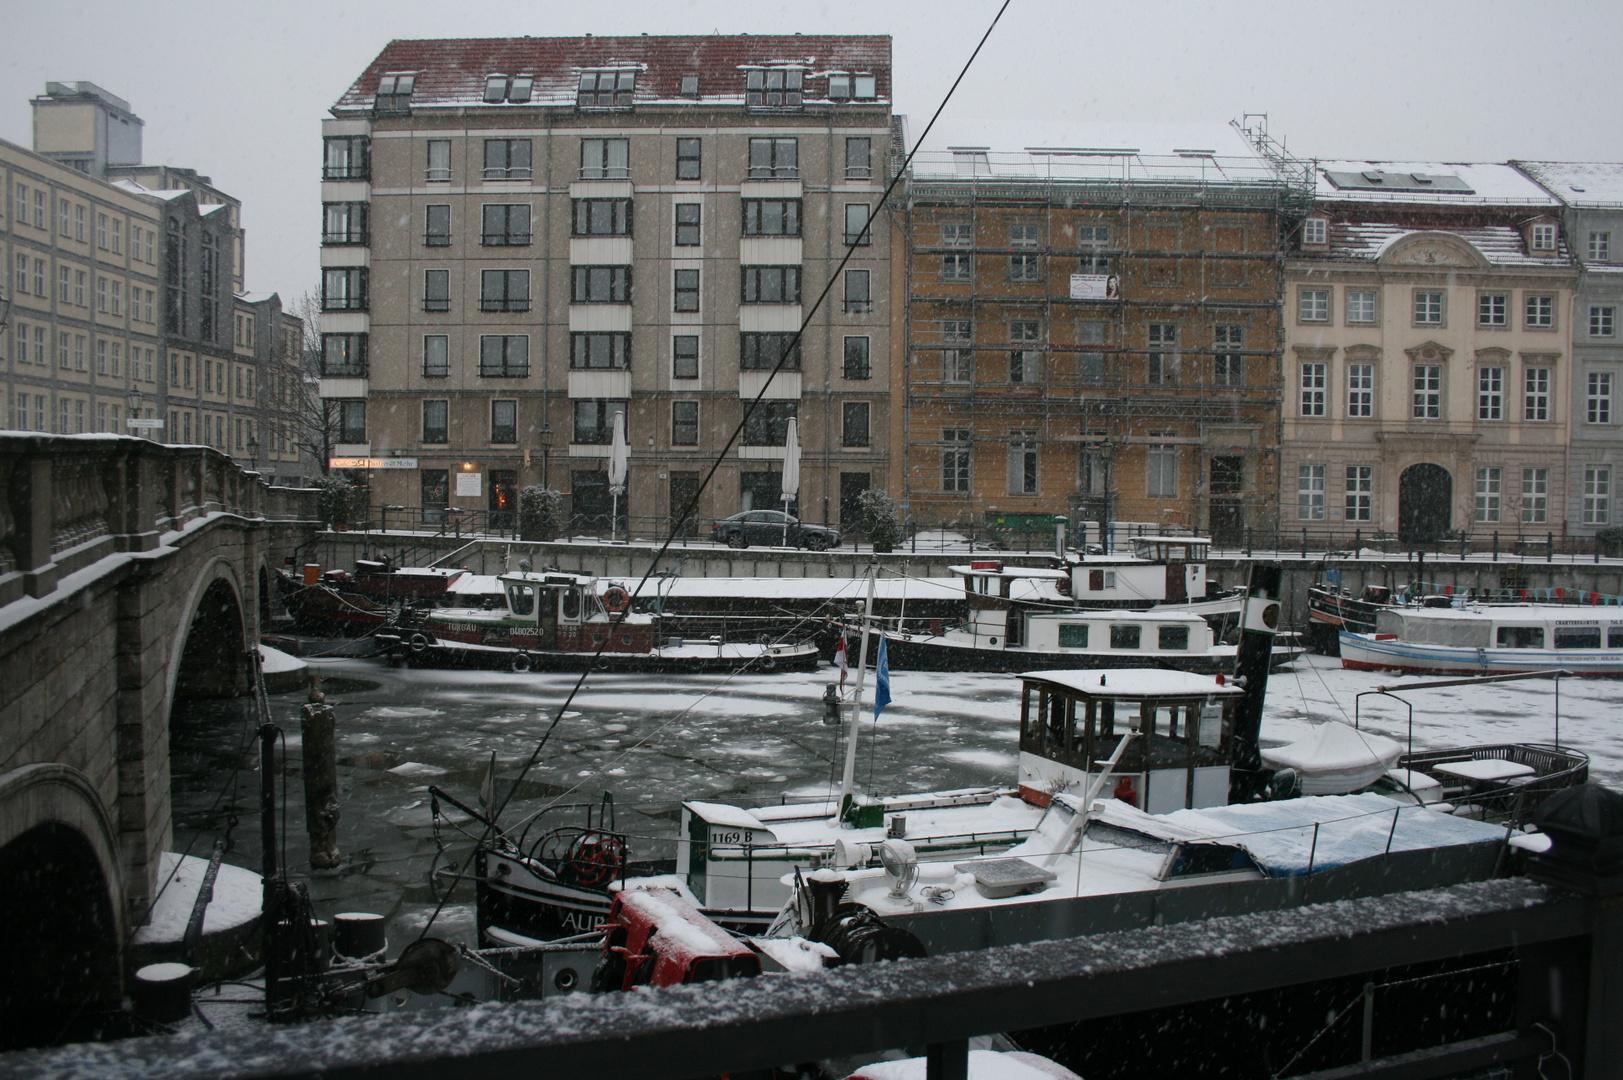 Ecke Fischerinsel Berlin